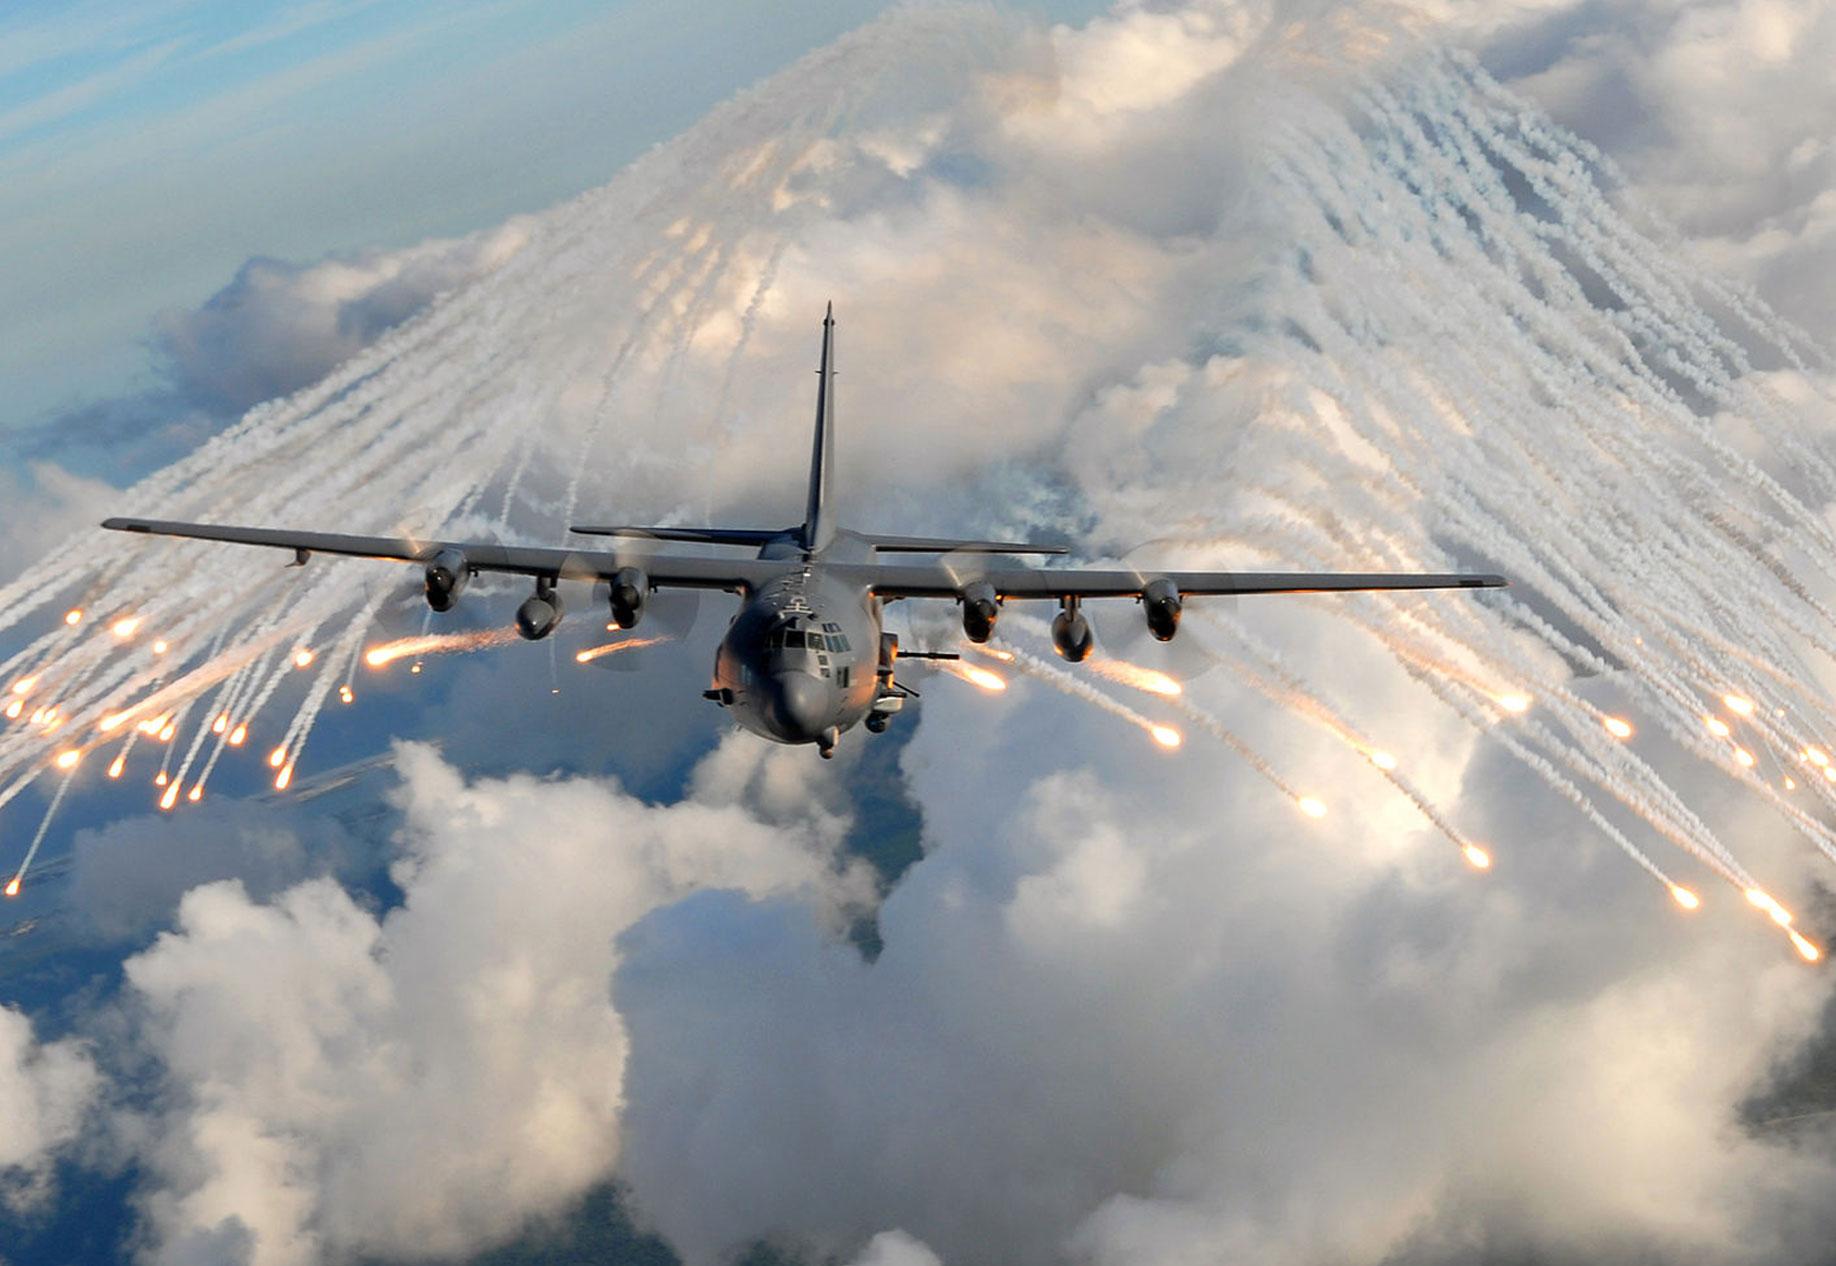 Lockheed C-130 Hercules Military Aircraft | Military Machine